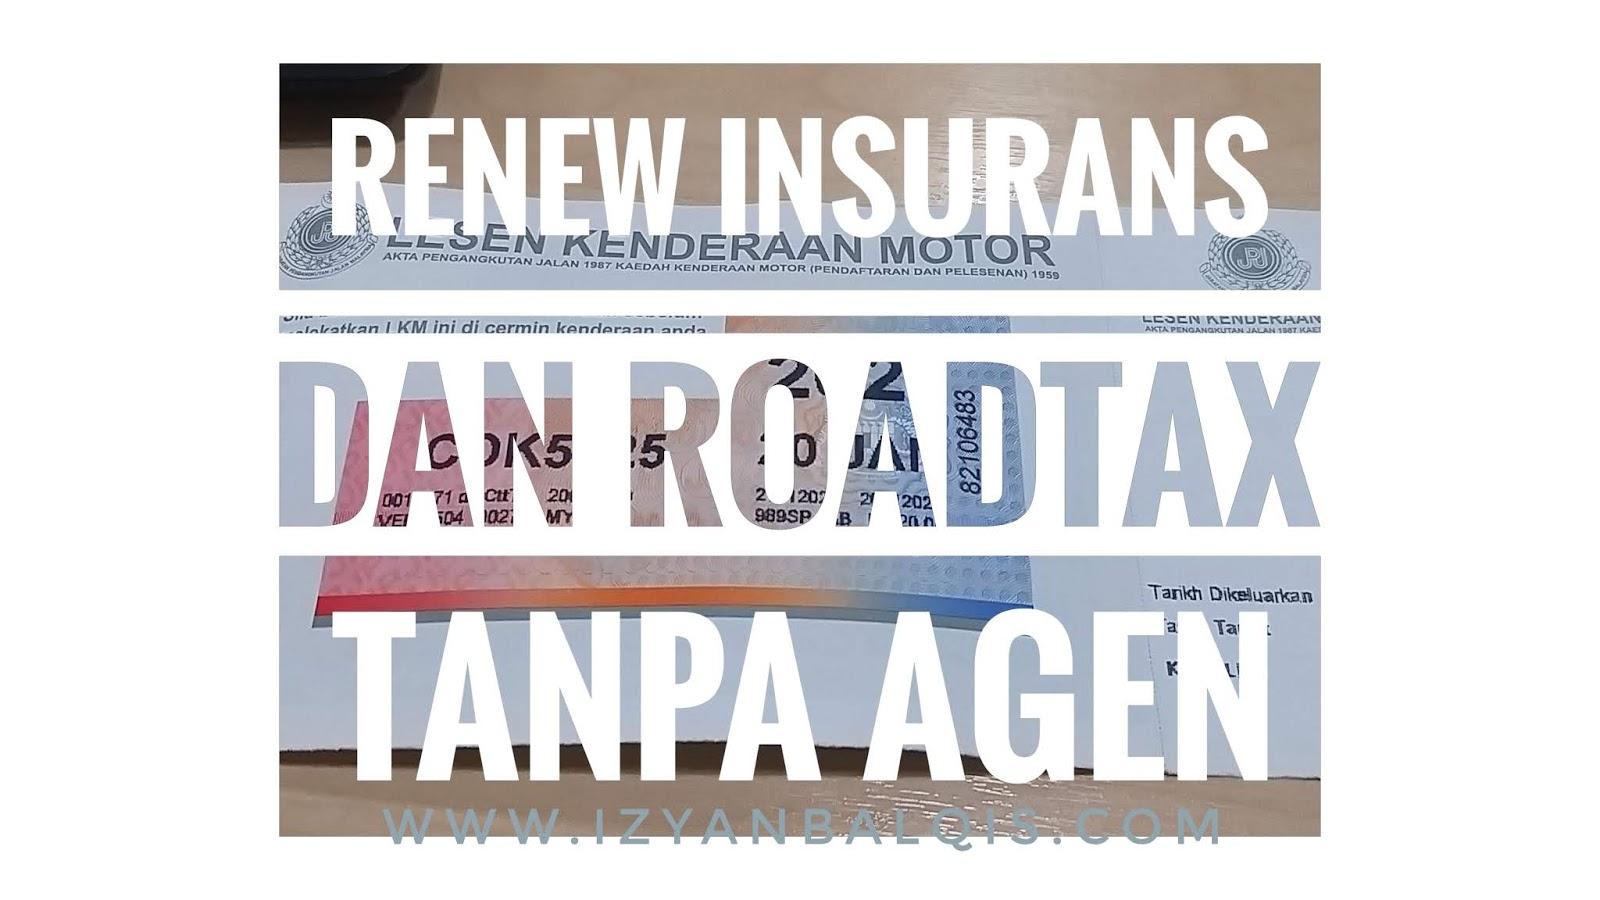 Cara Renew Insurans Kereta dan Roadtax Tanpa Khidmat Agen